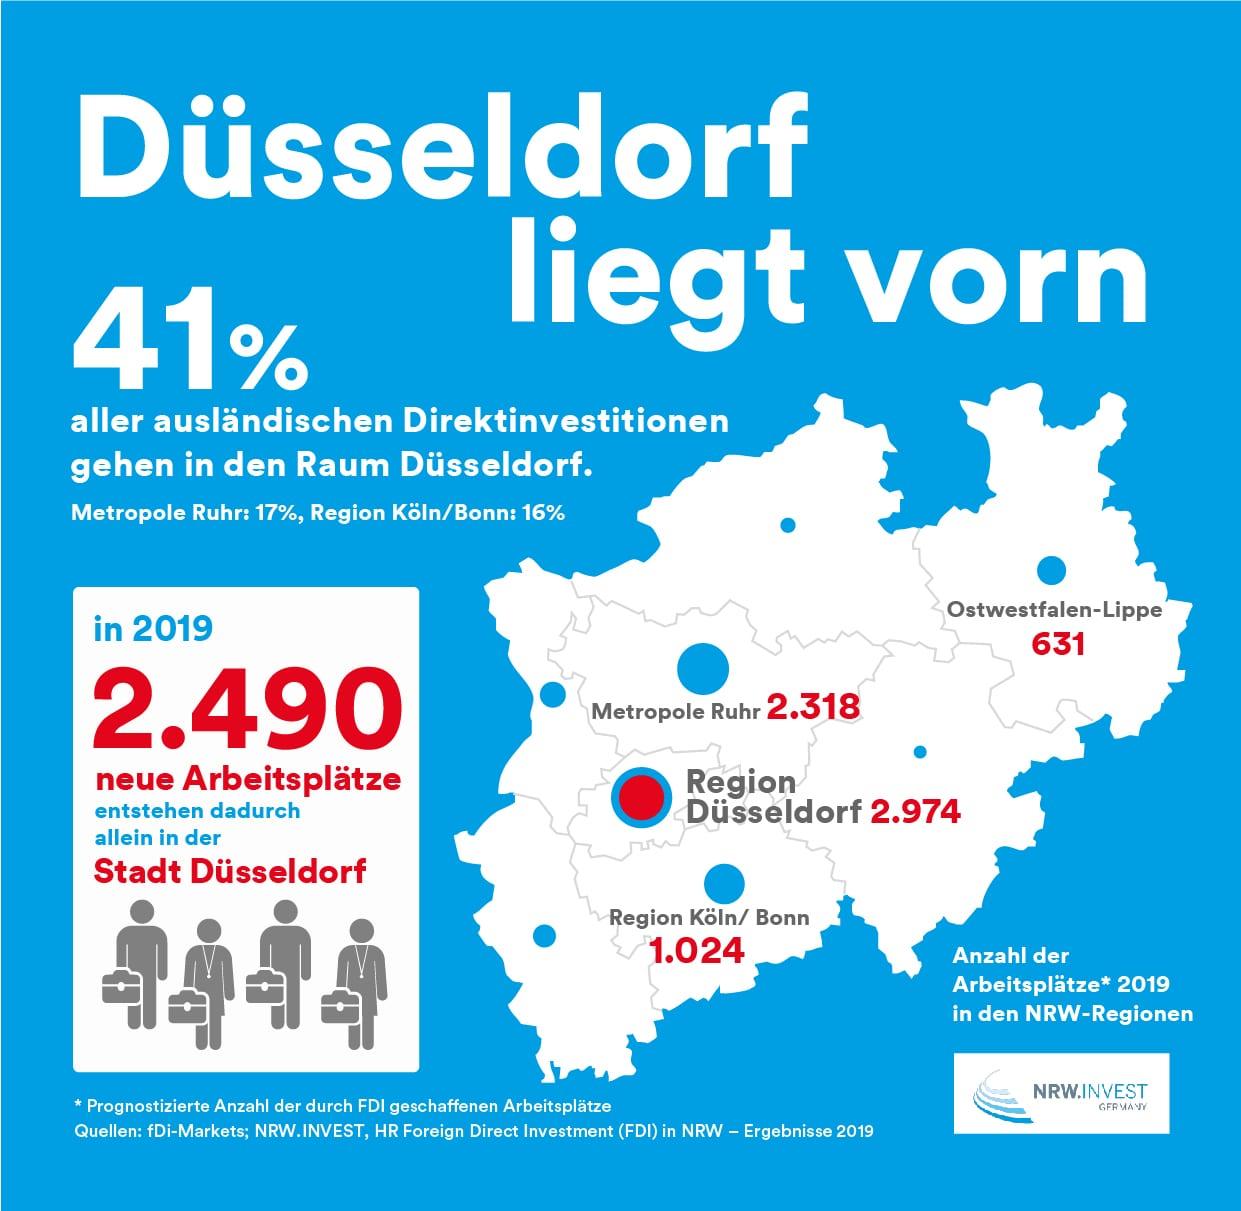 NRW ist Deutschlands Investitionsstandort Nr. 1 mit Düsseldorf als stärkster Region